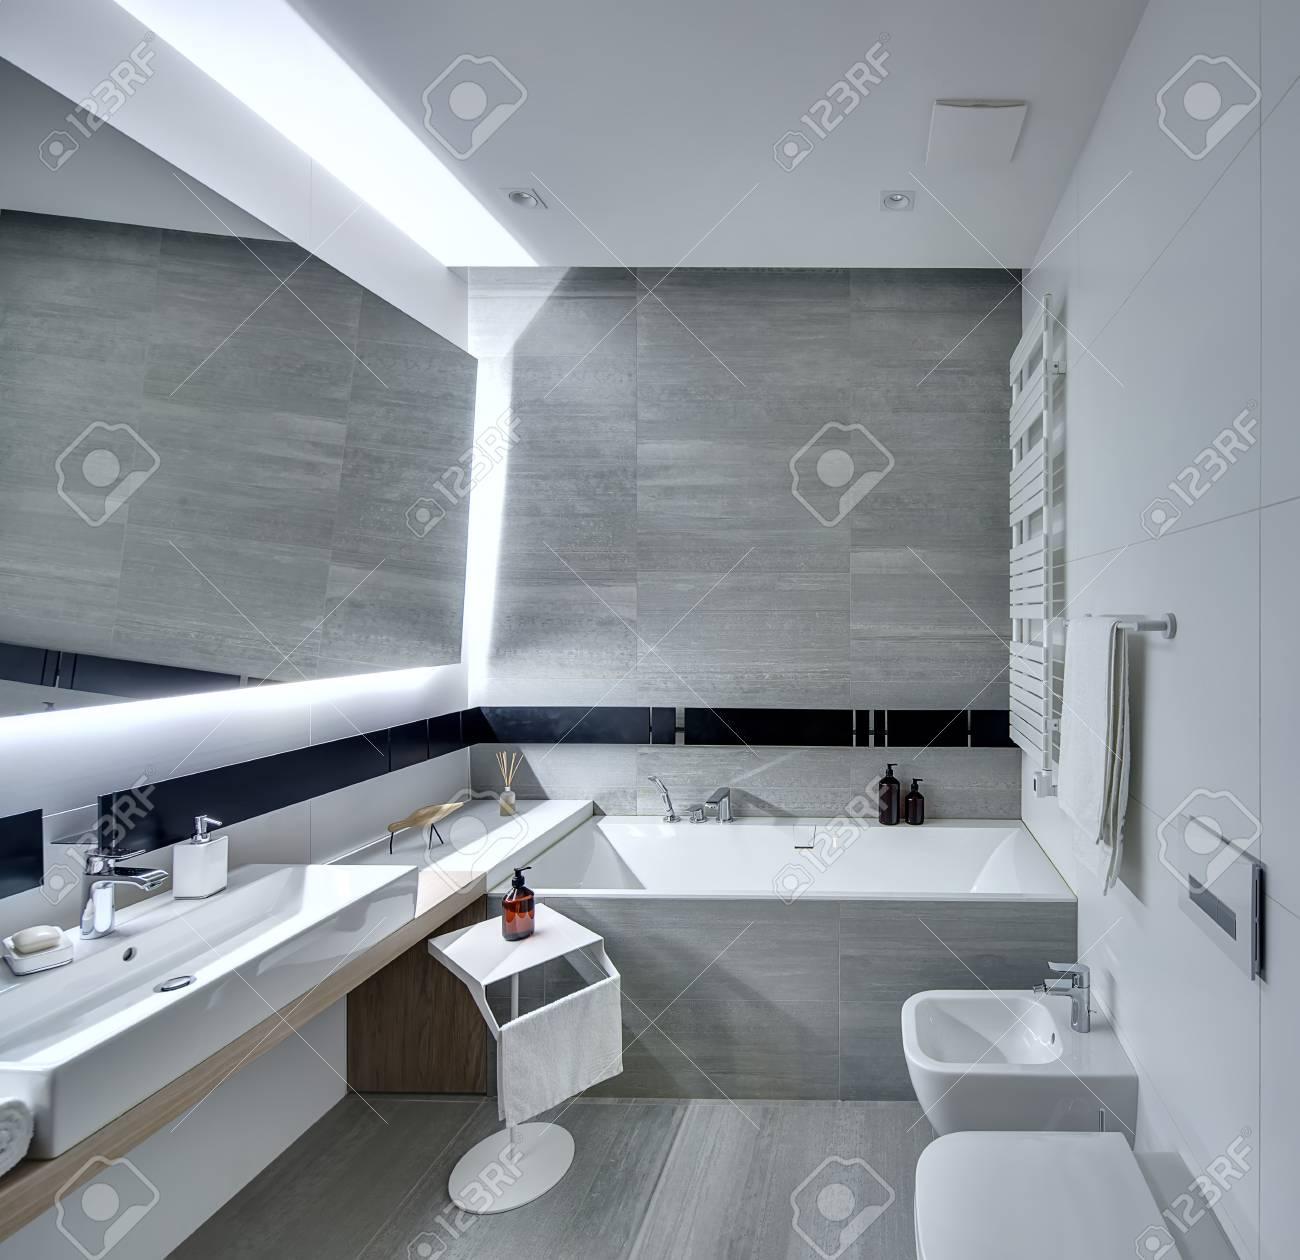 Modernes Badezimmer Mit Den Weißen Und Grauen Fliesen Gefliest. Es Gibt Ein  Weißes Waschbecken Mit Einer Seife, Einem Großen Spiegel, Einer Badewanne,  ...